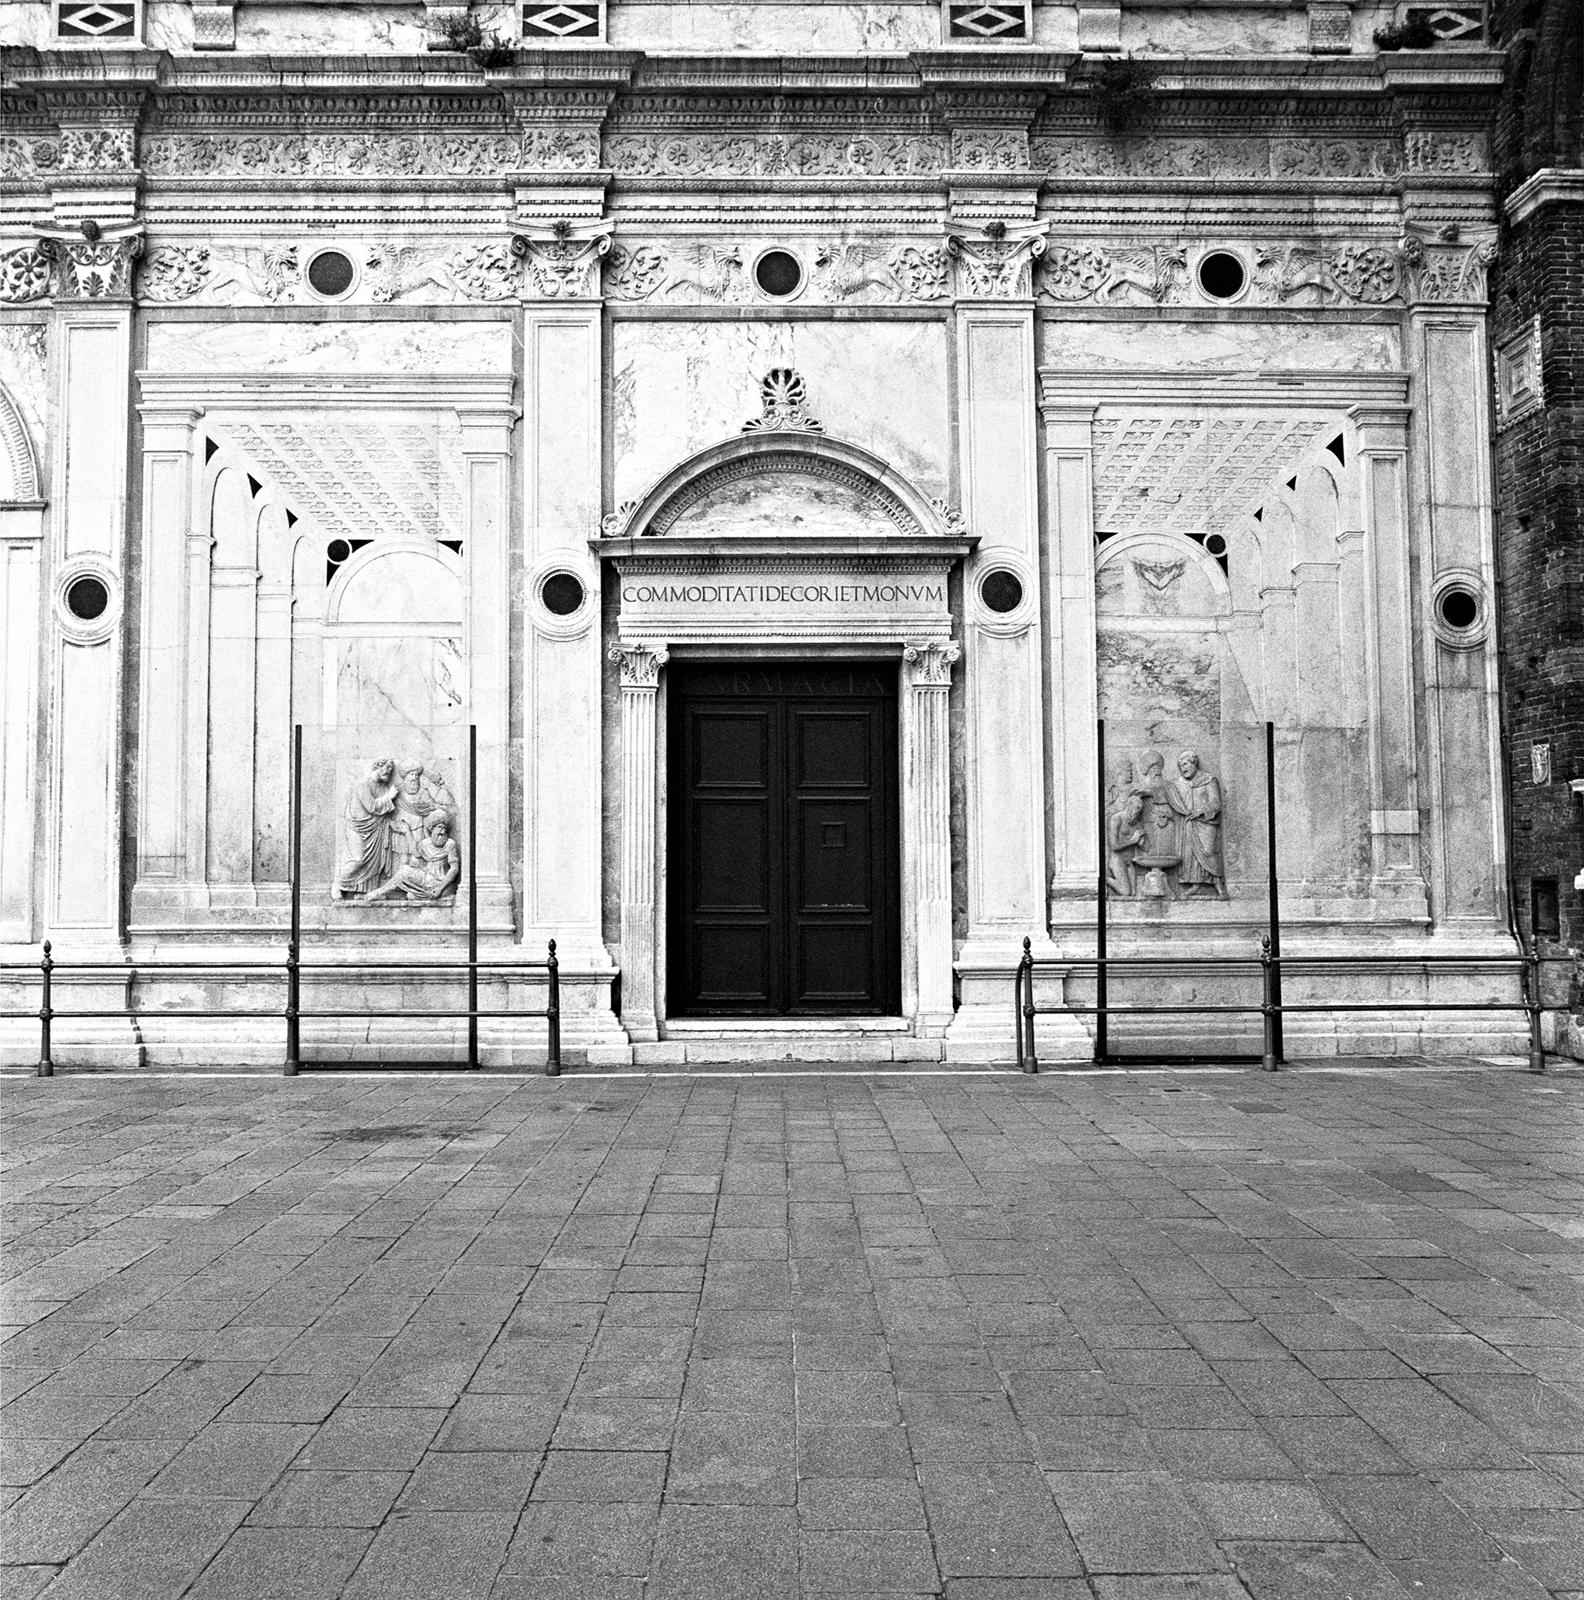 Venice-r11-004.jpg